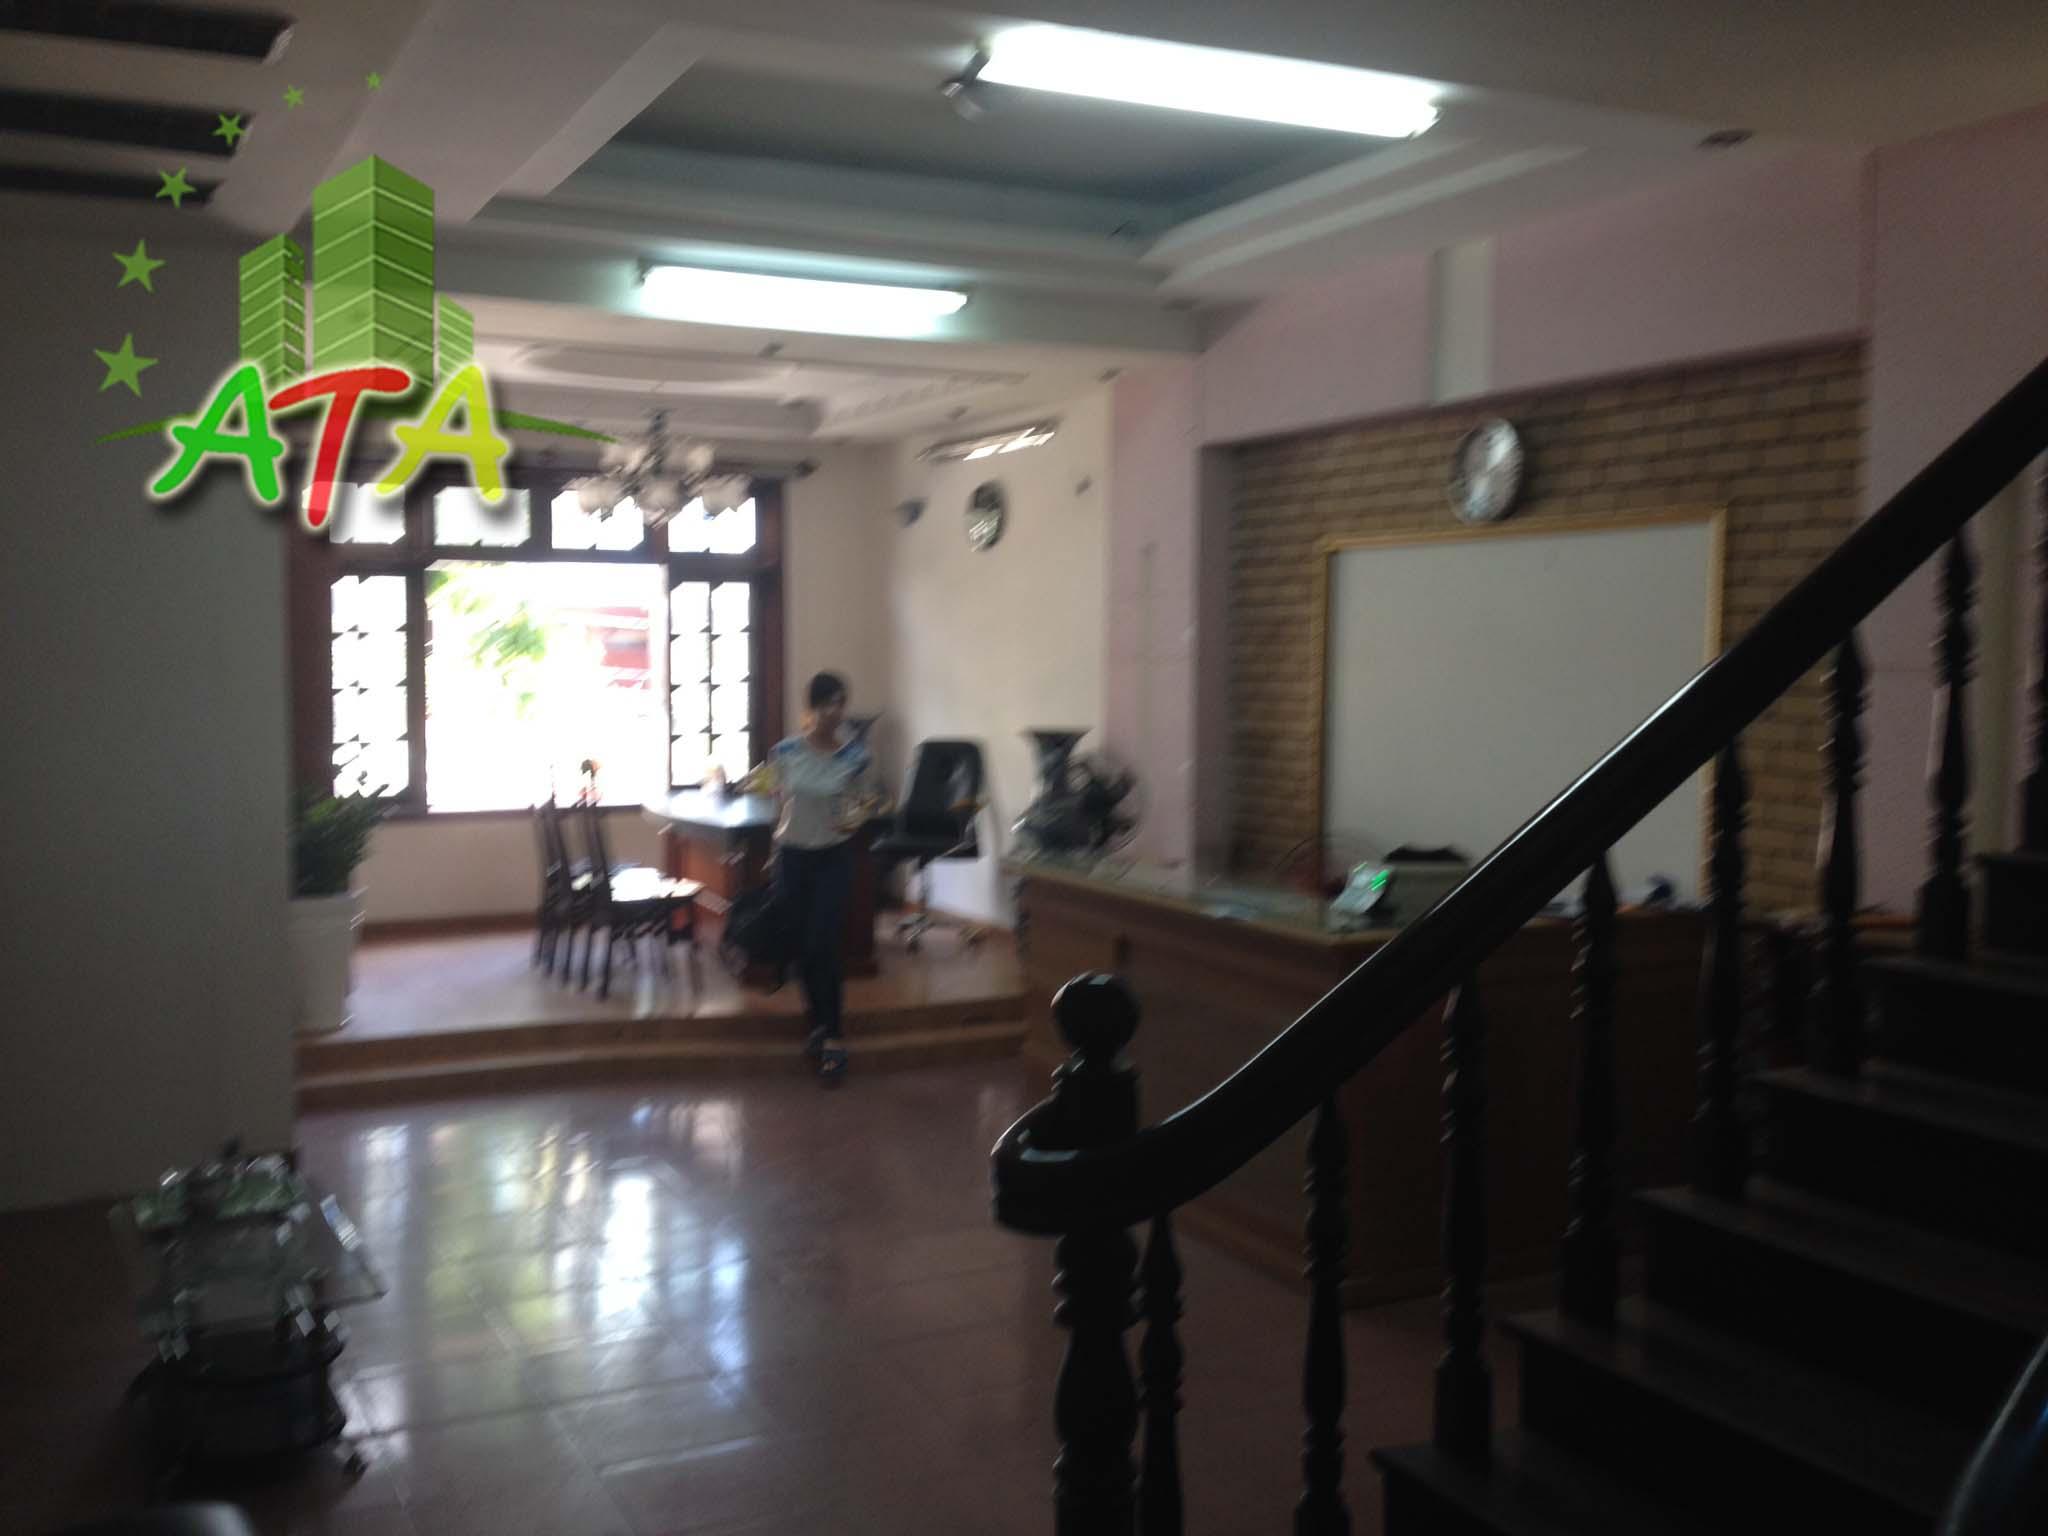 văn phòng cho thuê quận Tân Bình, HHT office Building đường Hoàng Hoa Thám, office for lease in HCMC